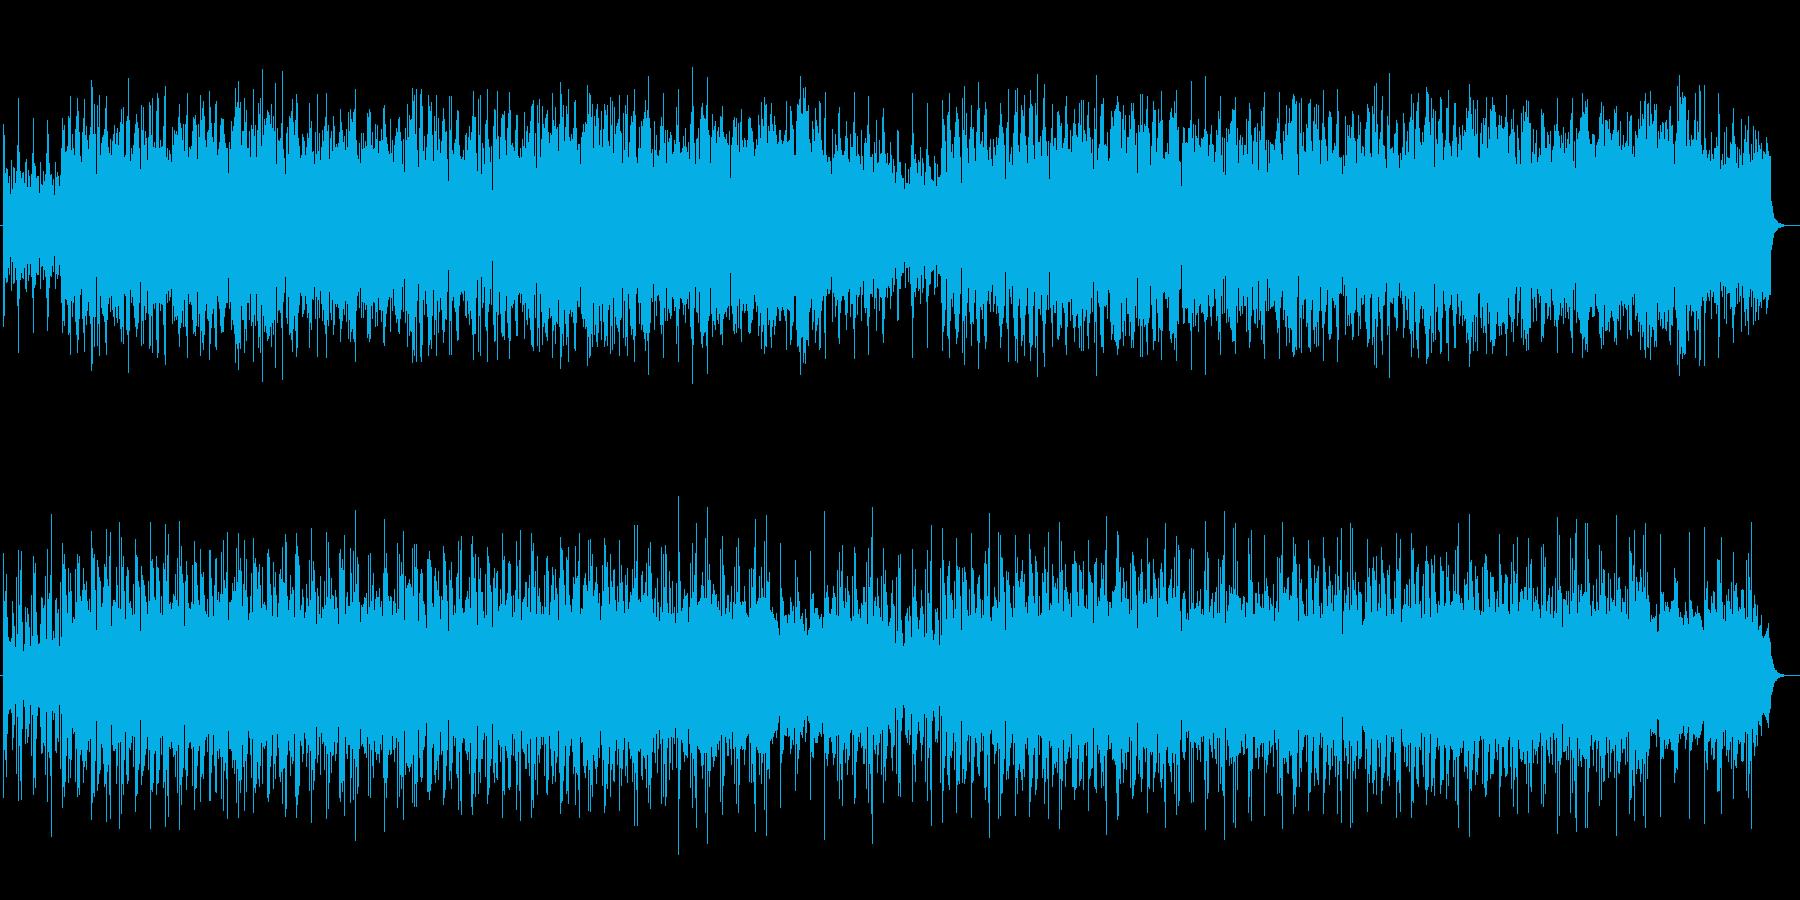 幻想的で神秘的なシンセメロディーの再生済みの波形